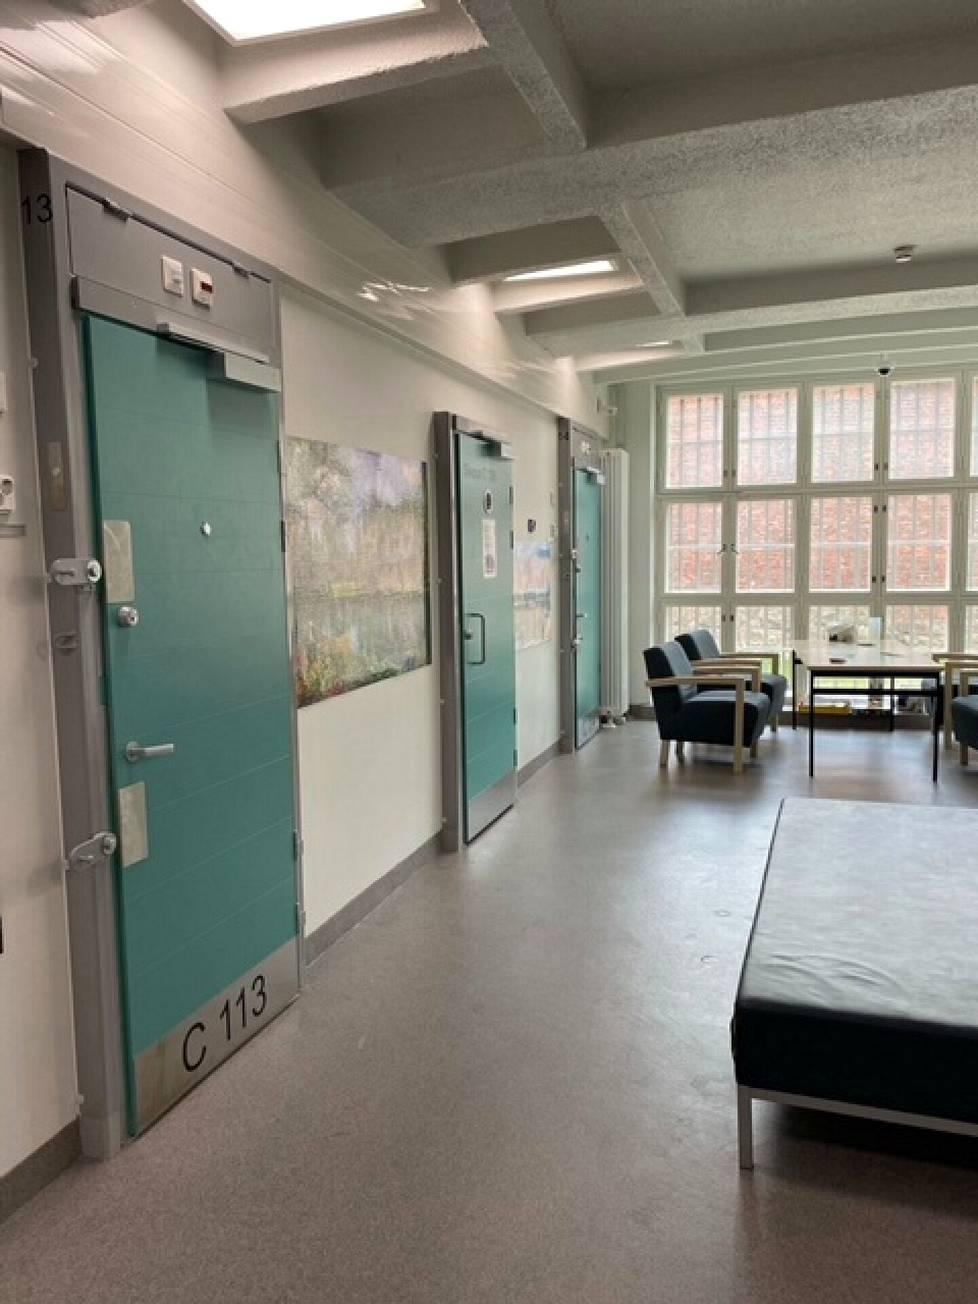 Helsingin vankilassa nuoriso-osaston käytävällä on vangeille yhteistä oleskelutilaa.